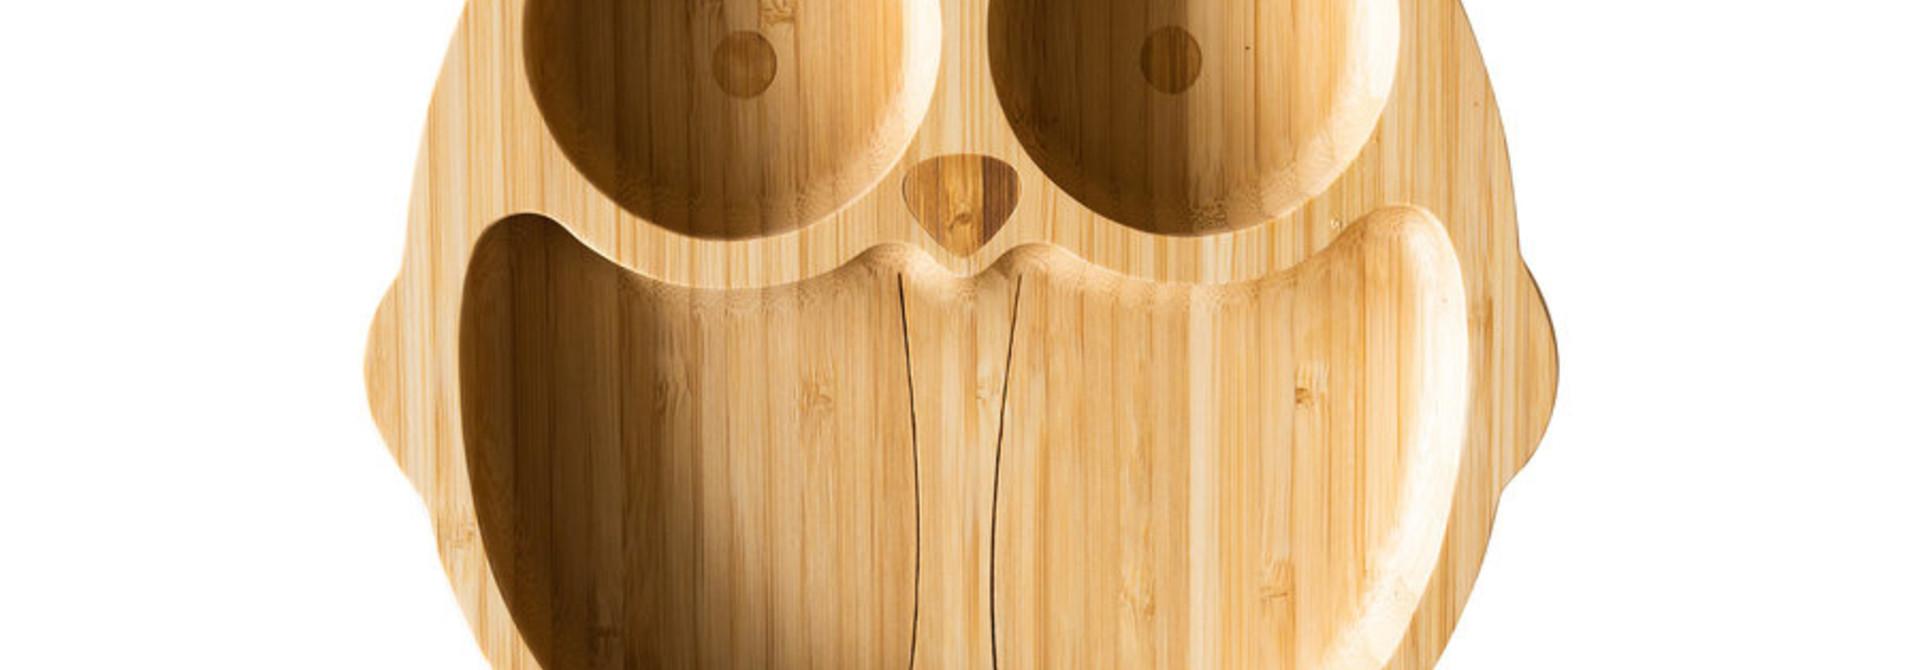 Bamboe bord Uil  - melamine vrij